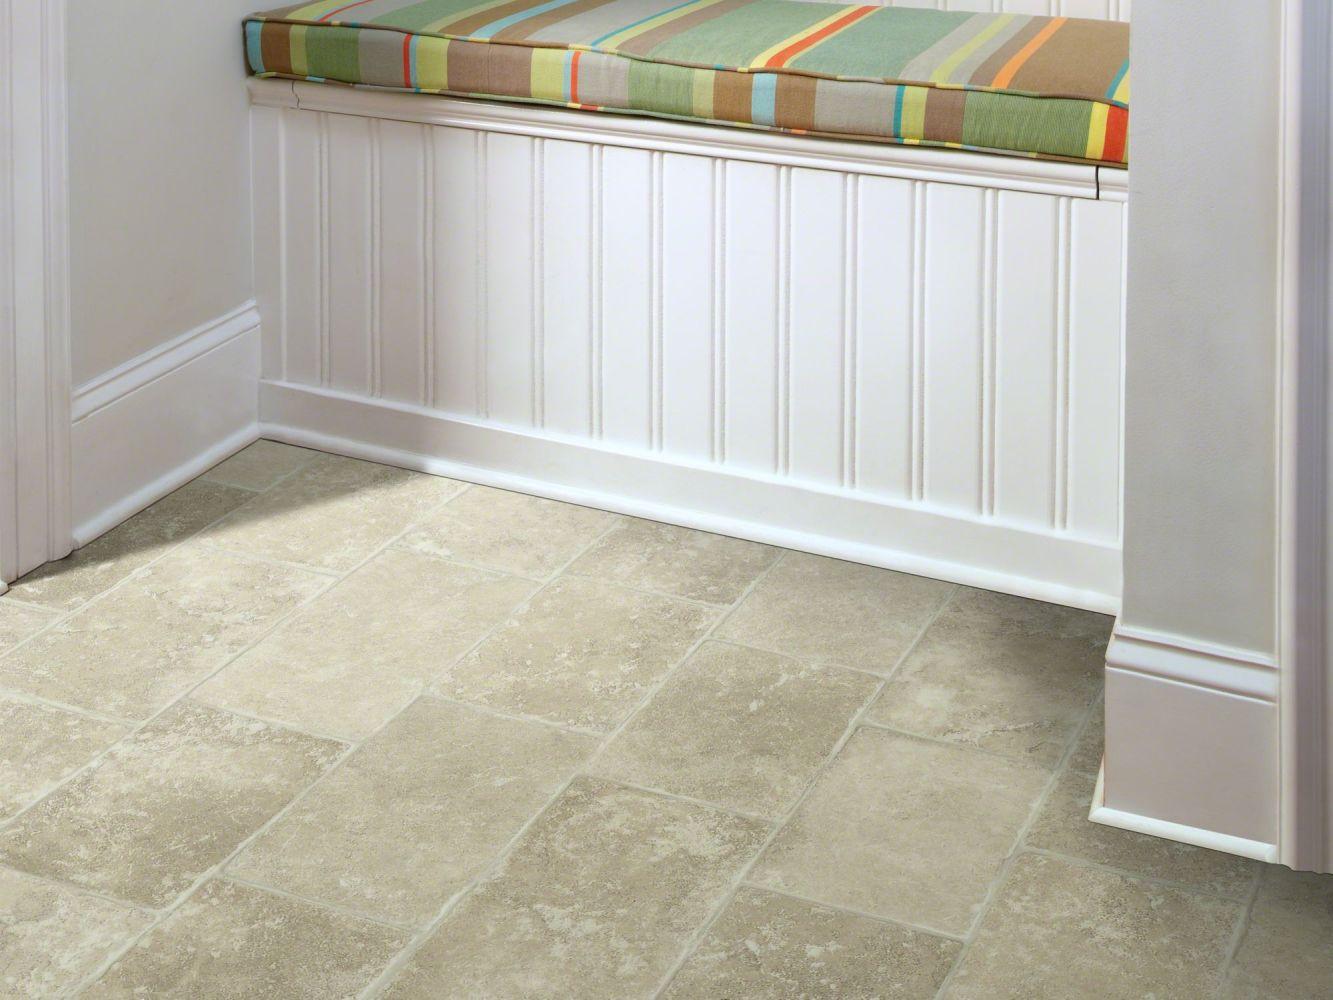 Shaw Floors Resilient Residential Henderson Park Fountain 00175_AR613